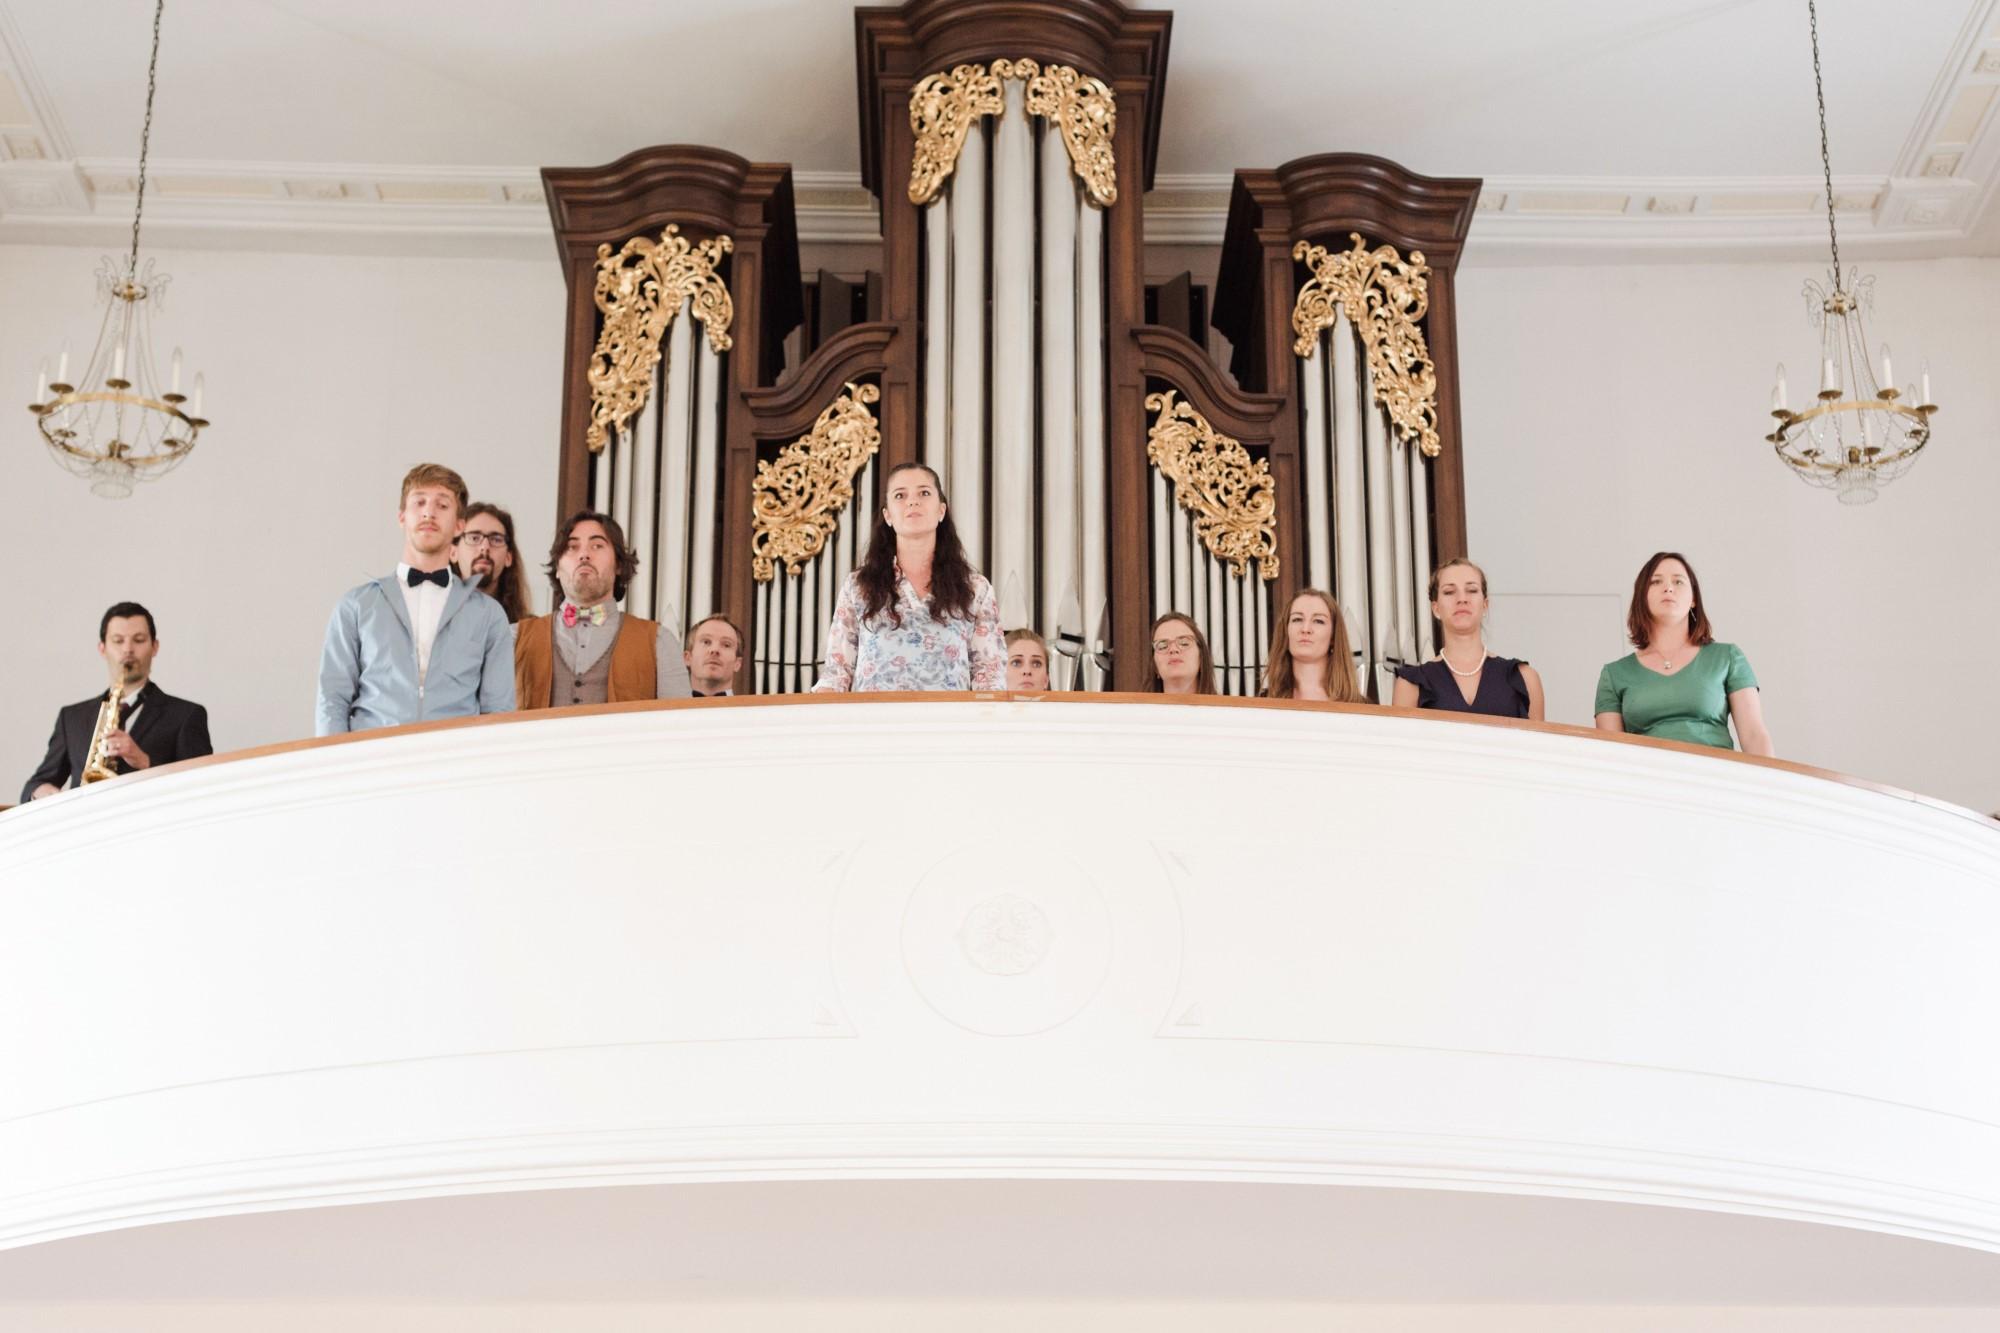 Chor bei der kirchlichen Trauung in Seewen